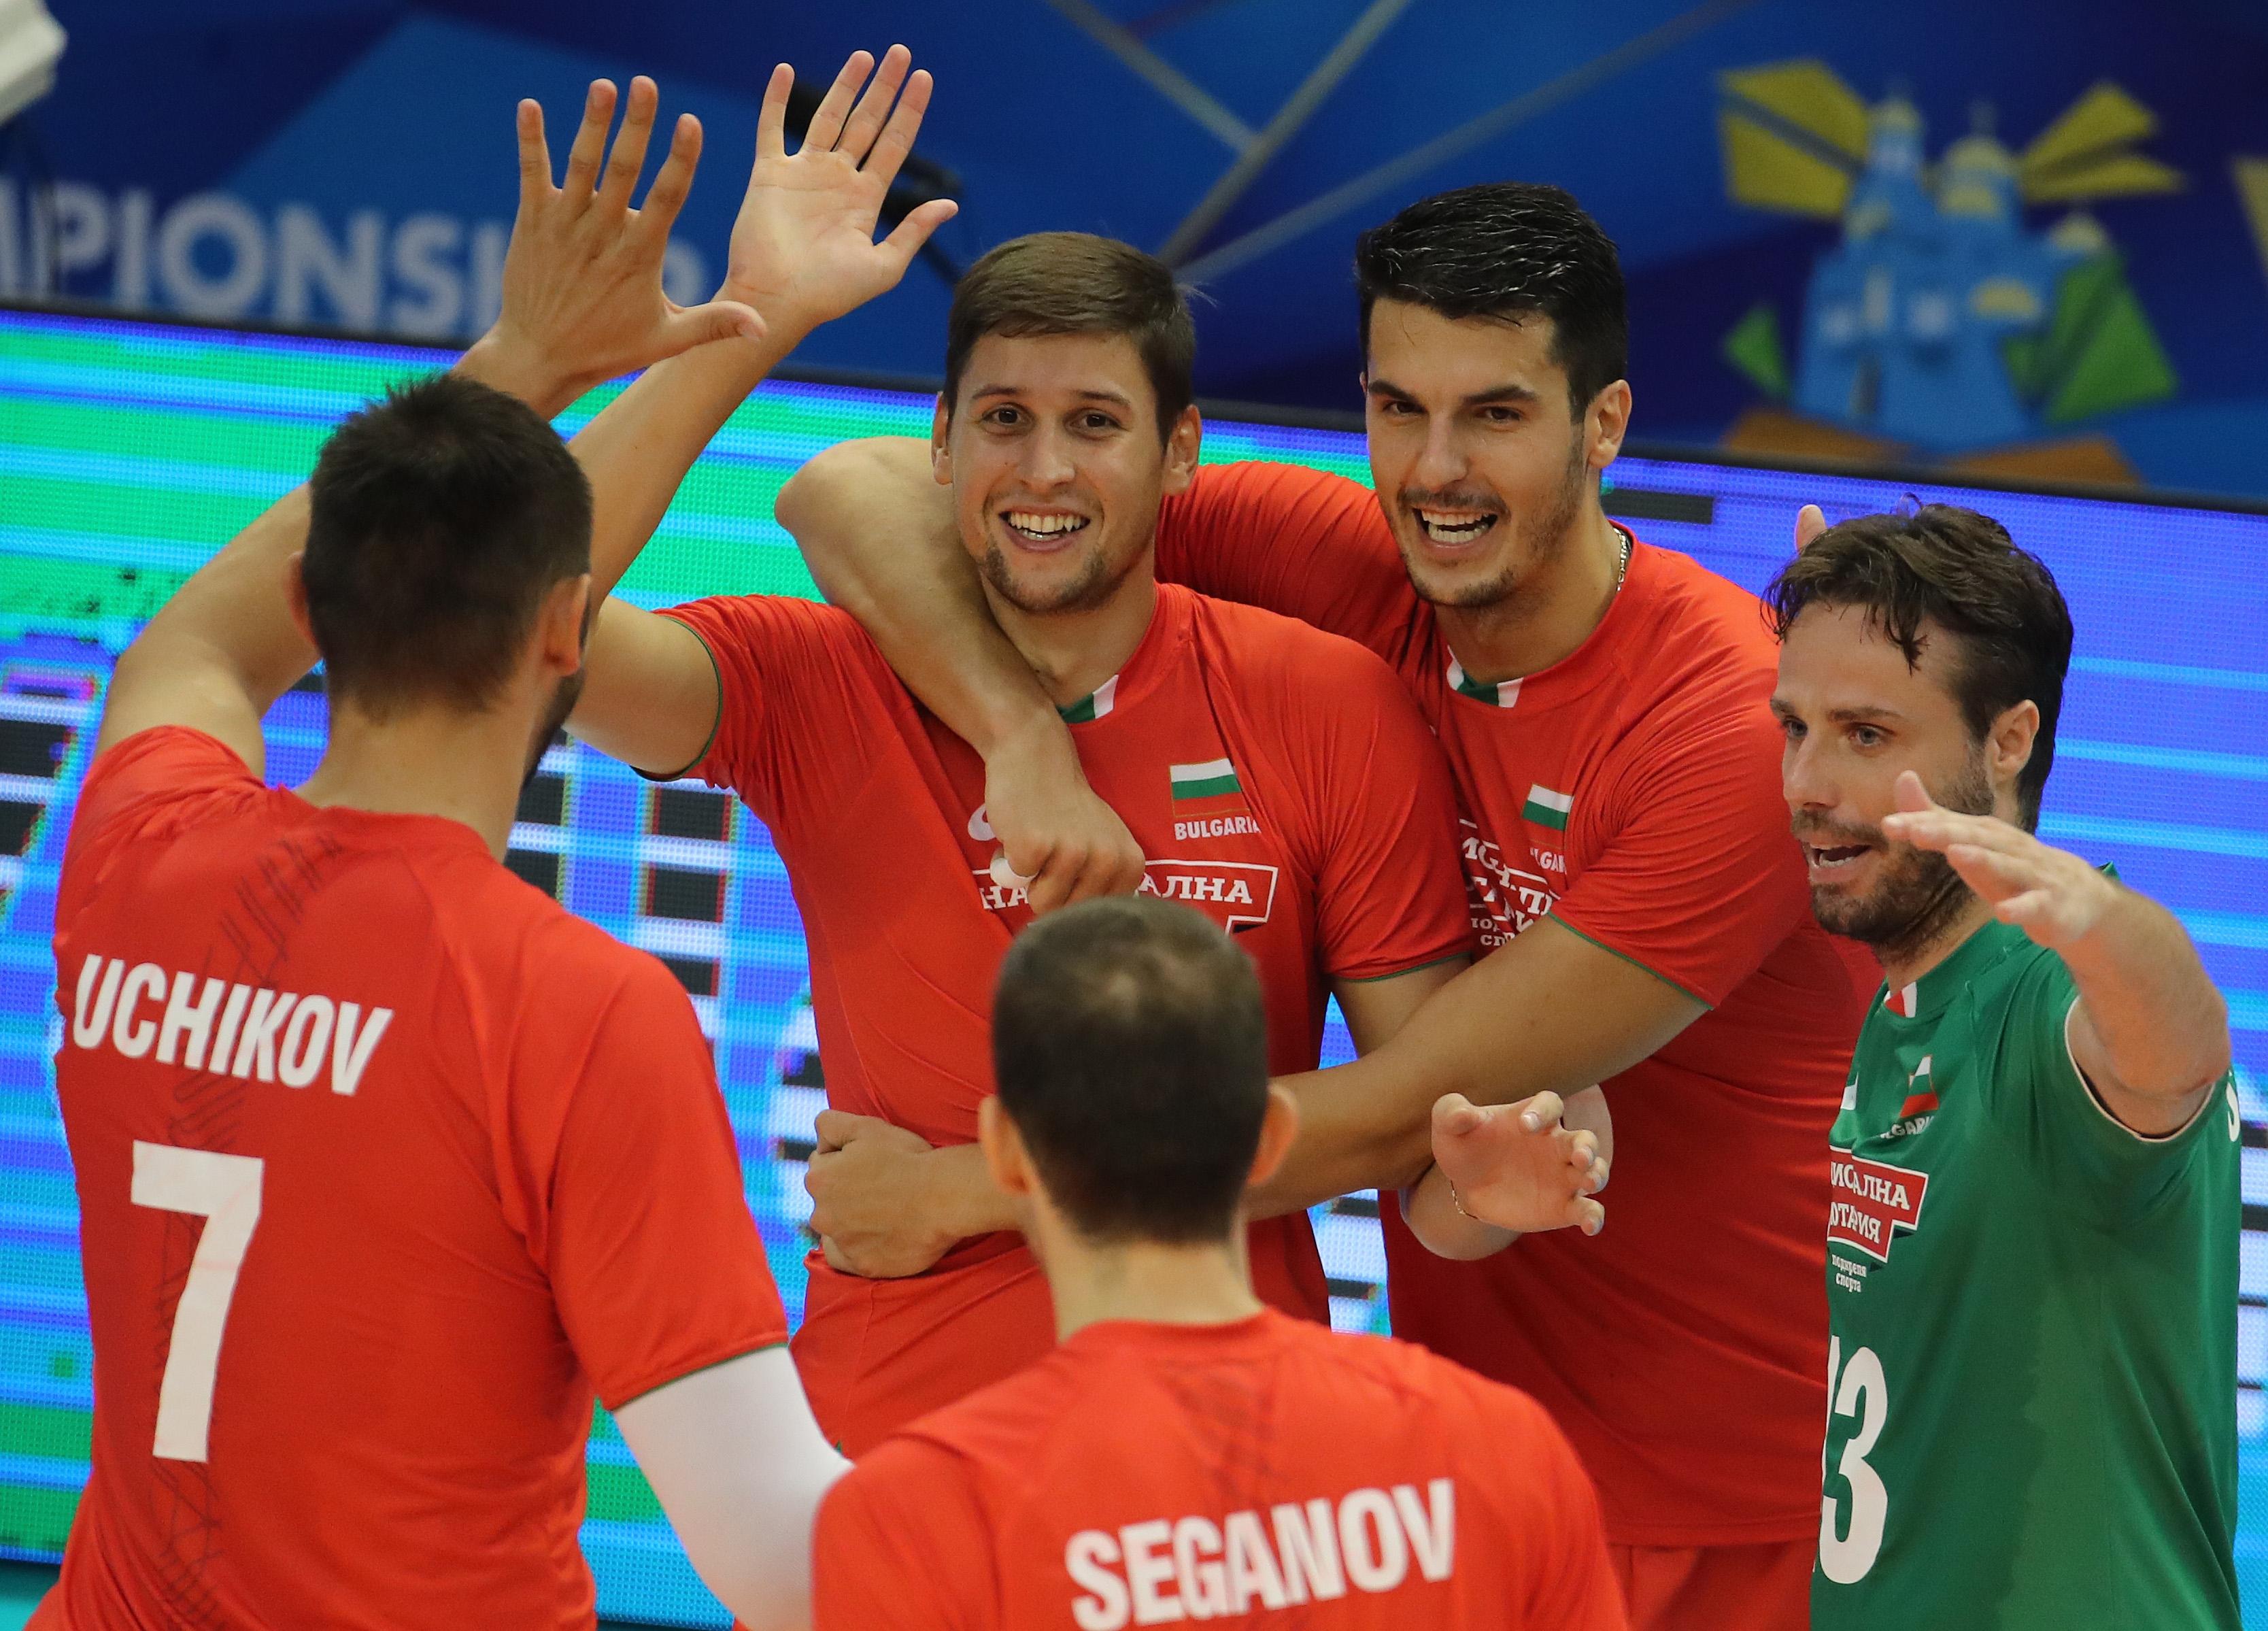 Николай Пенчев изигра много силен мач и имаше основна заслуга